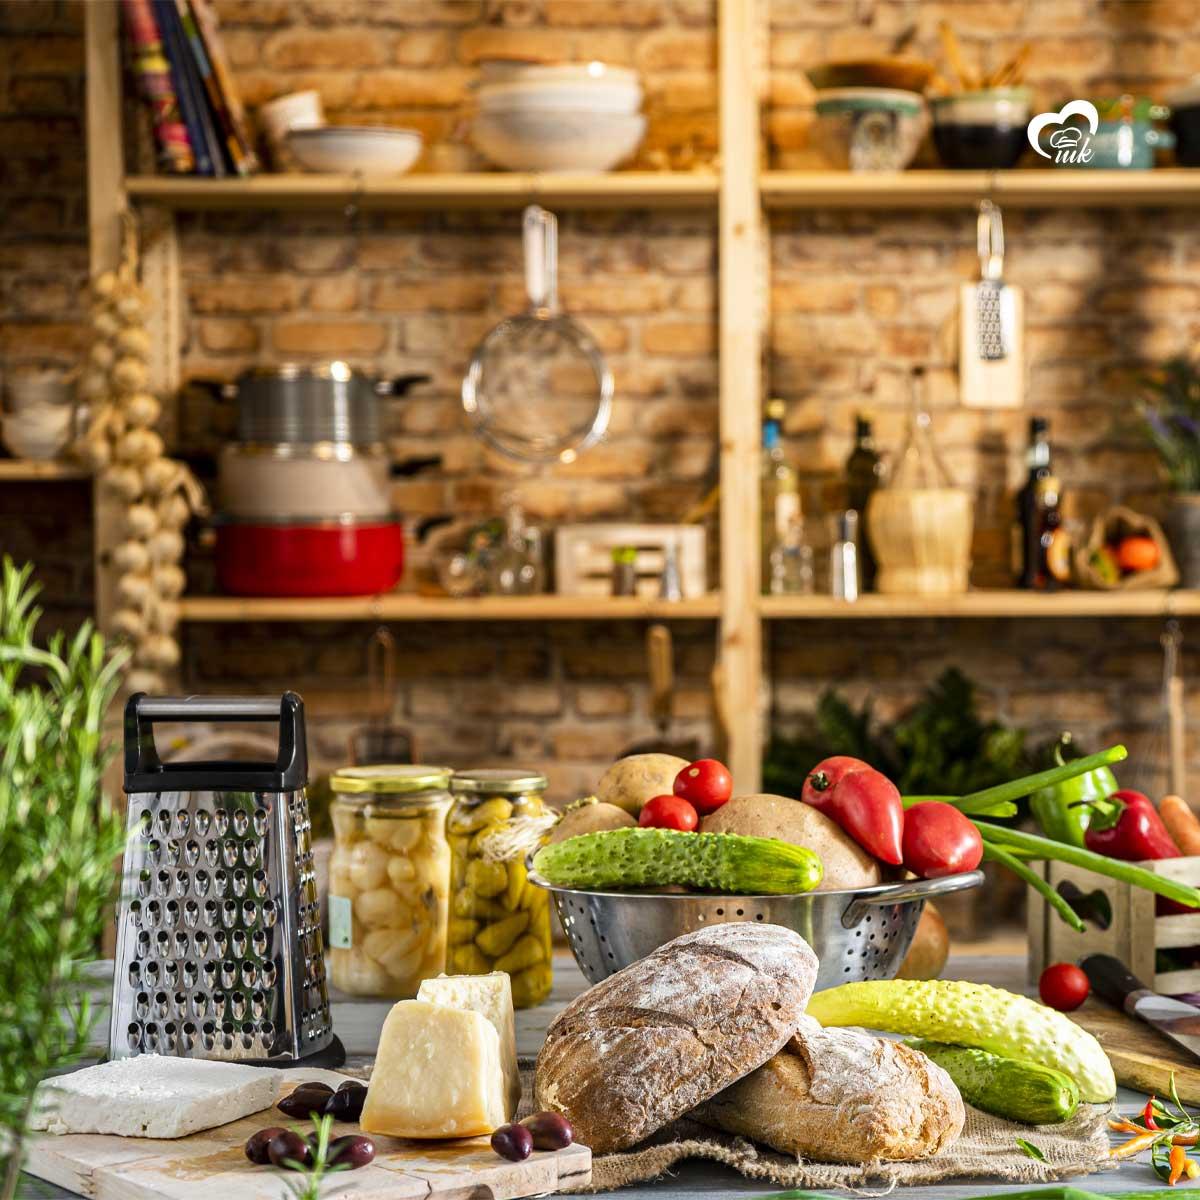 Кухненски декор, хранителни продукти и инструменти за готвене